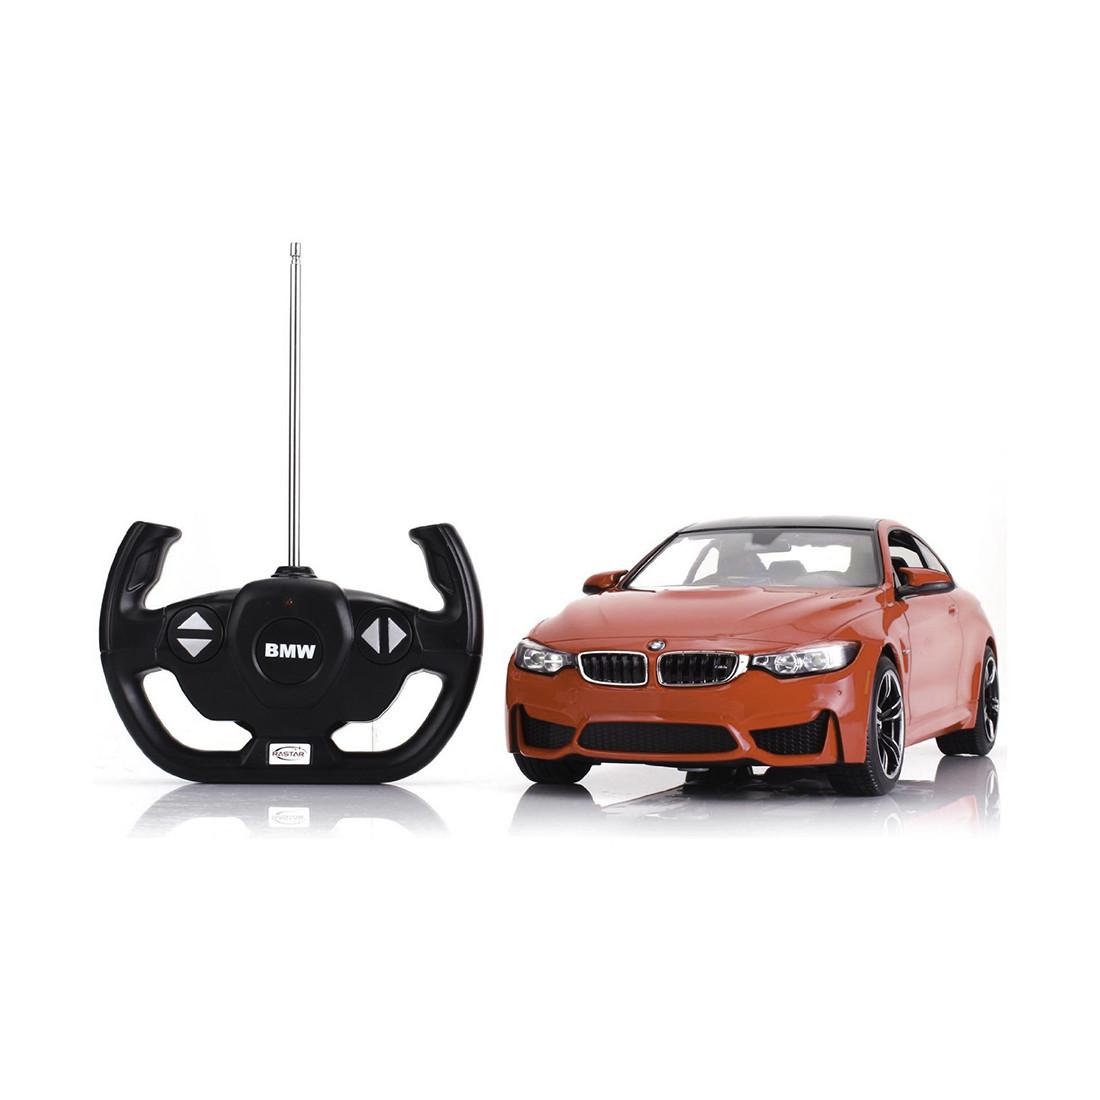 Радиоуправляемая машина RASTAR 70900R 1:14 BMW M4 Пластик 27 Mhz Красный